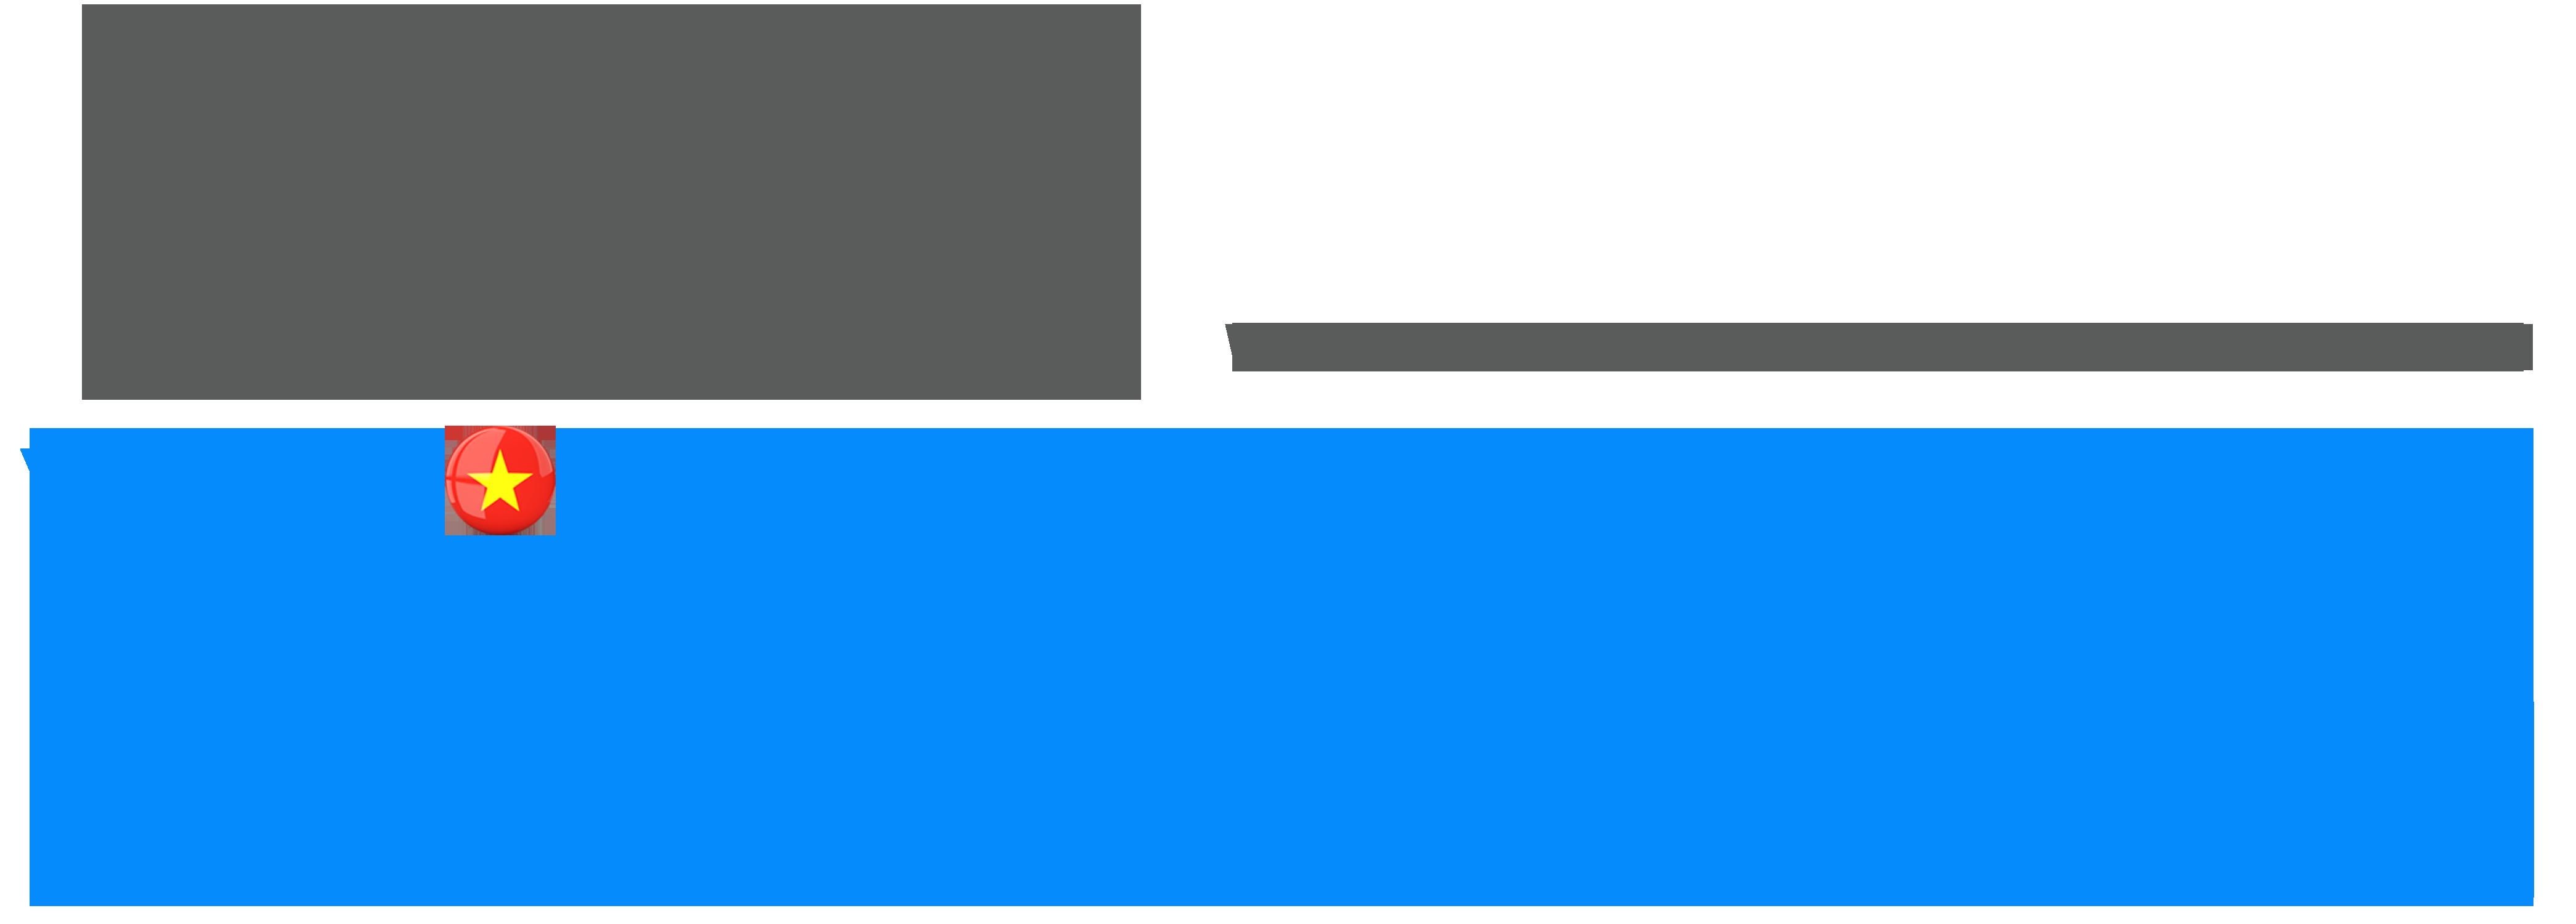 Italian Chamber of Commerce in Vietnam – ICHAM